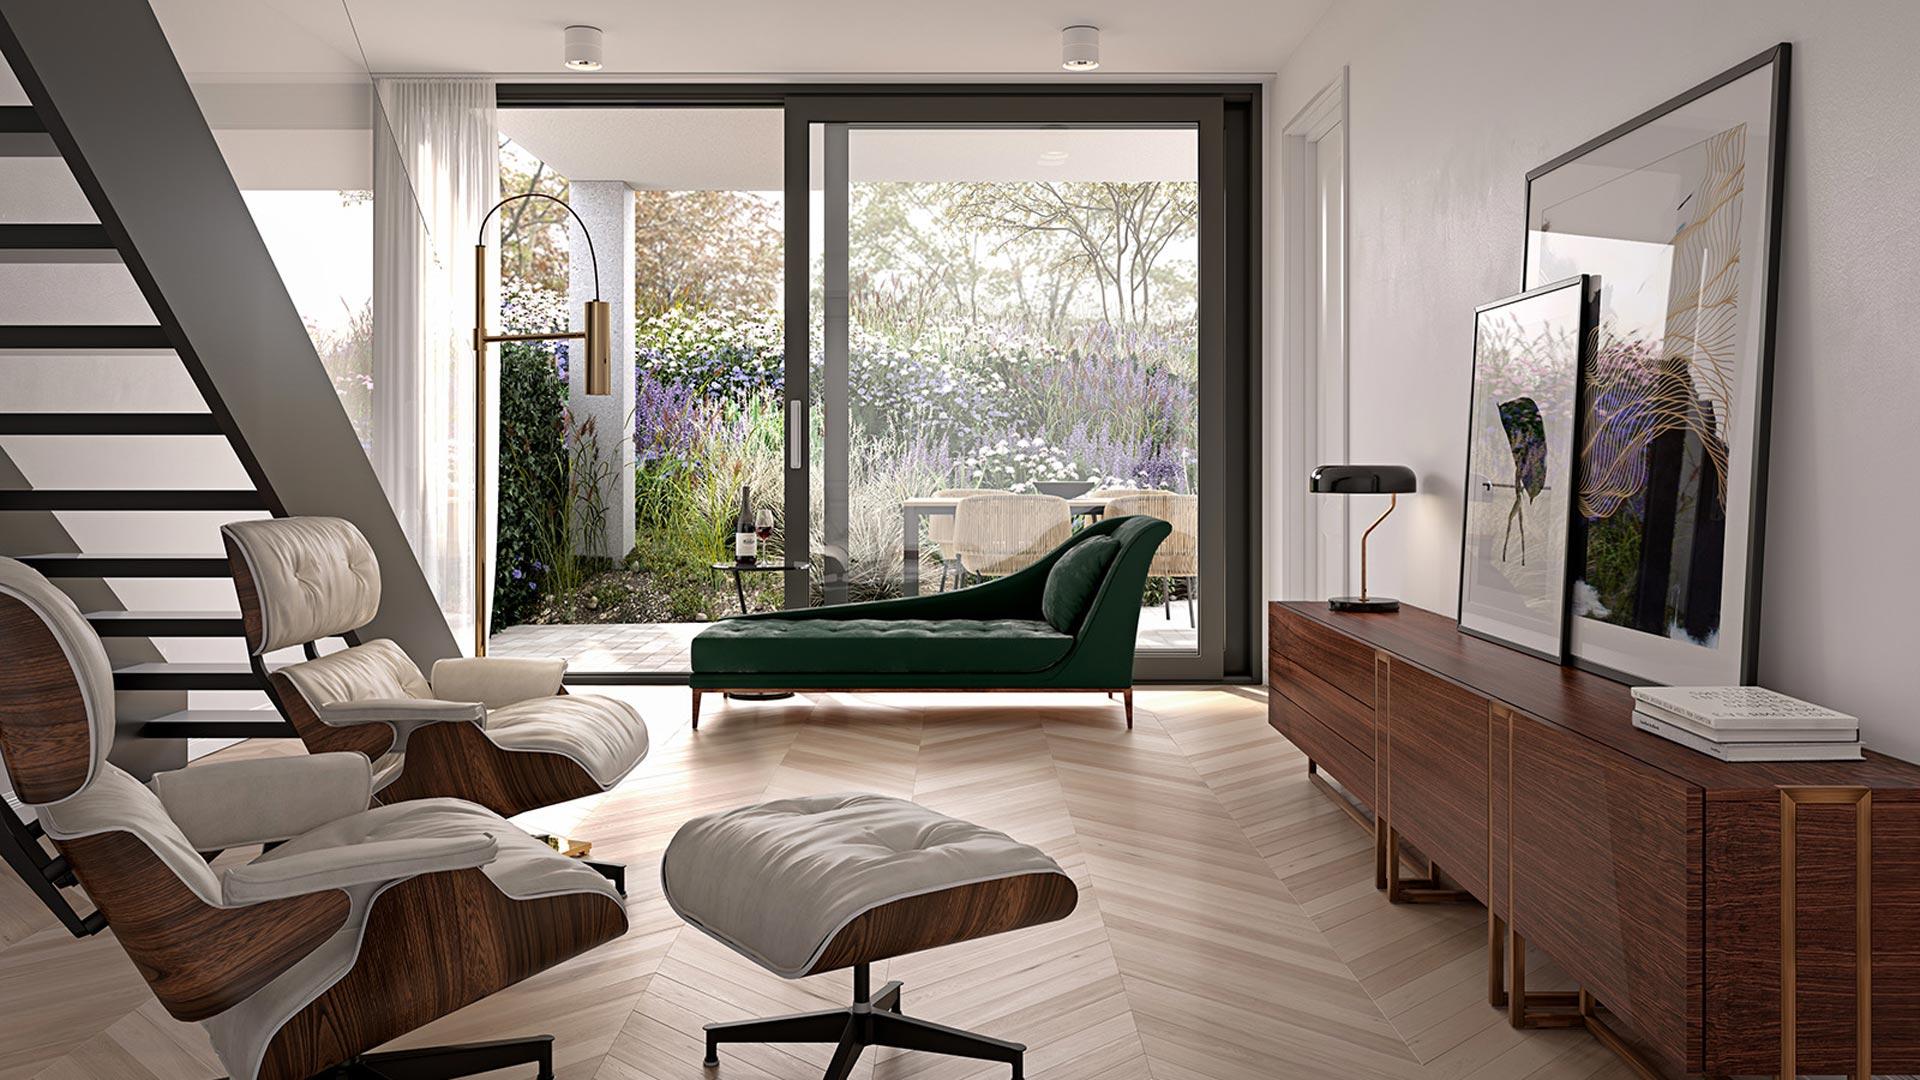 Type B - Interieur Woonkamer - Appartementen - Elion Park